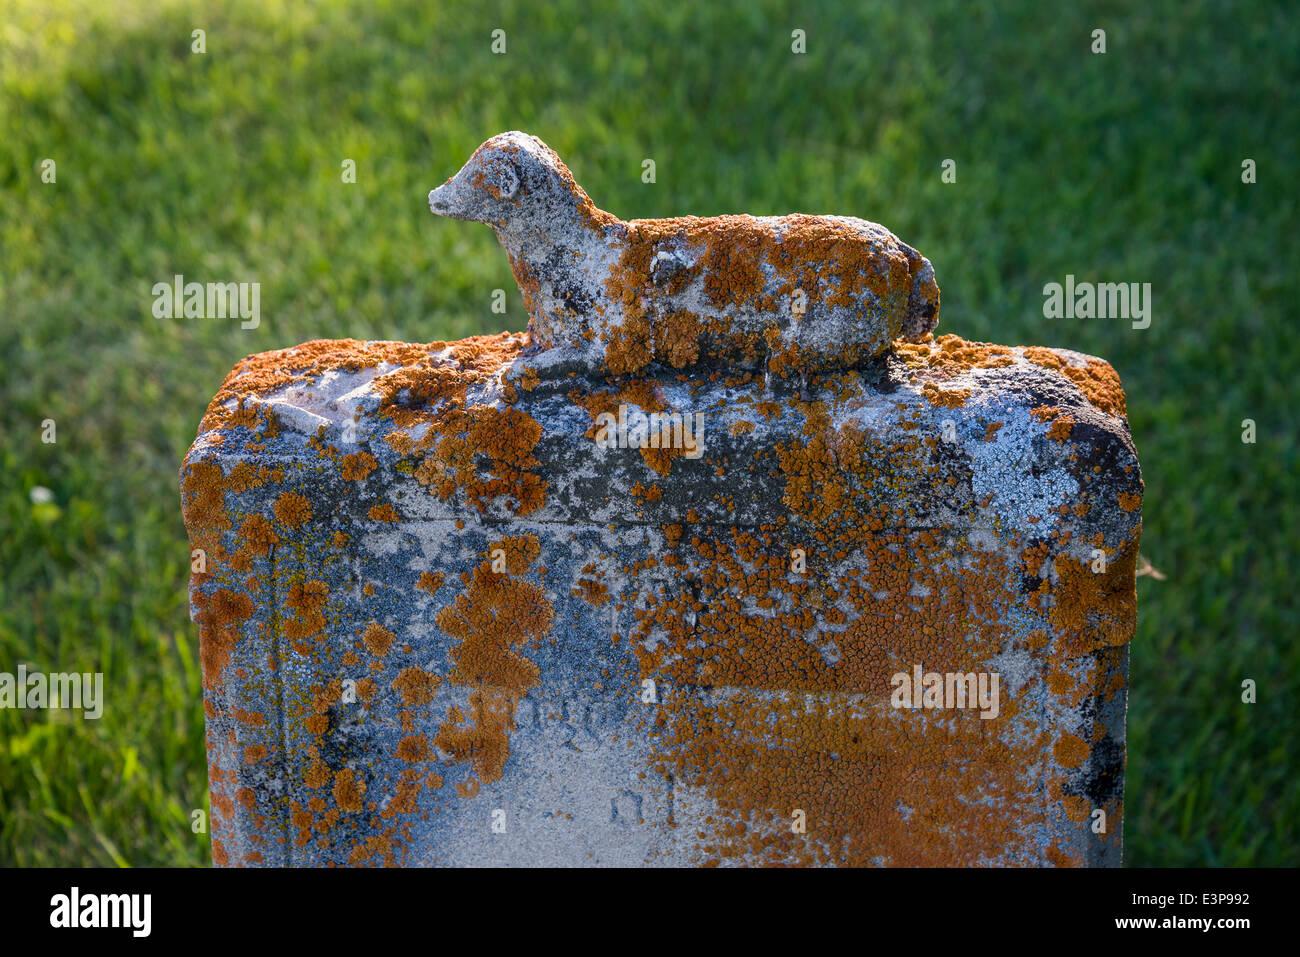 Lichen covered child's gravestone with lamb, Calgary, Alberta, Canada - Stock Image